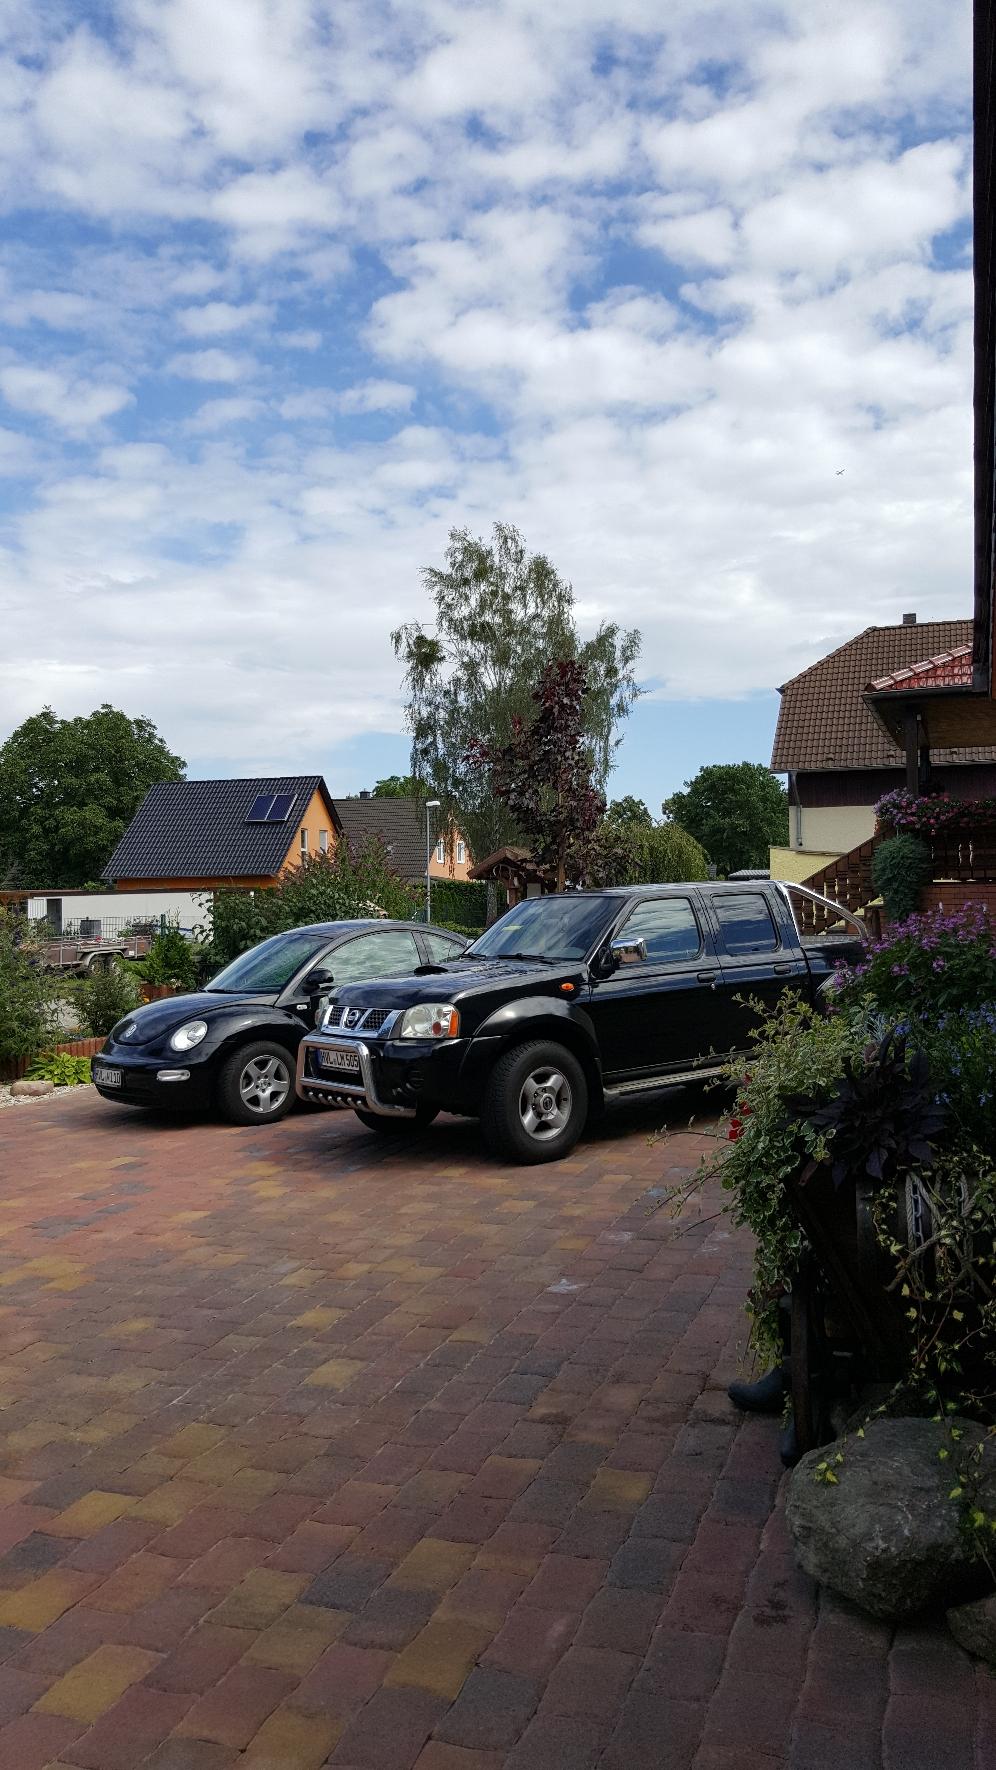 Parkplätze auf dem Grundstück.